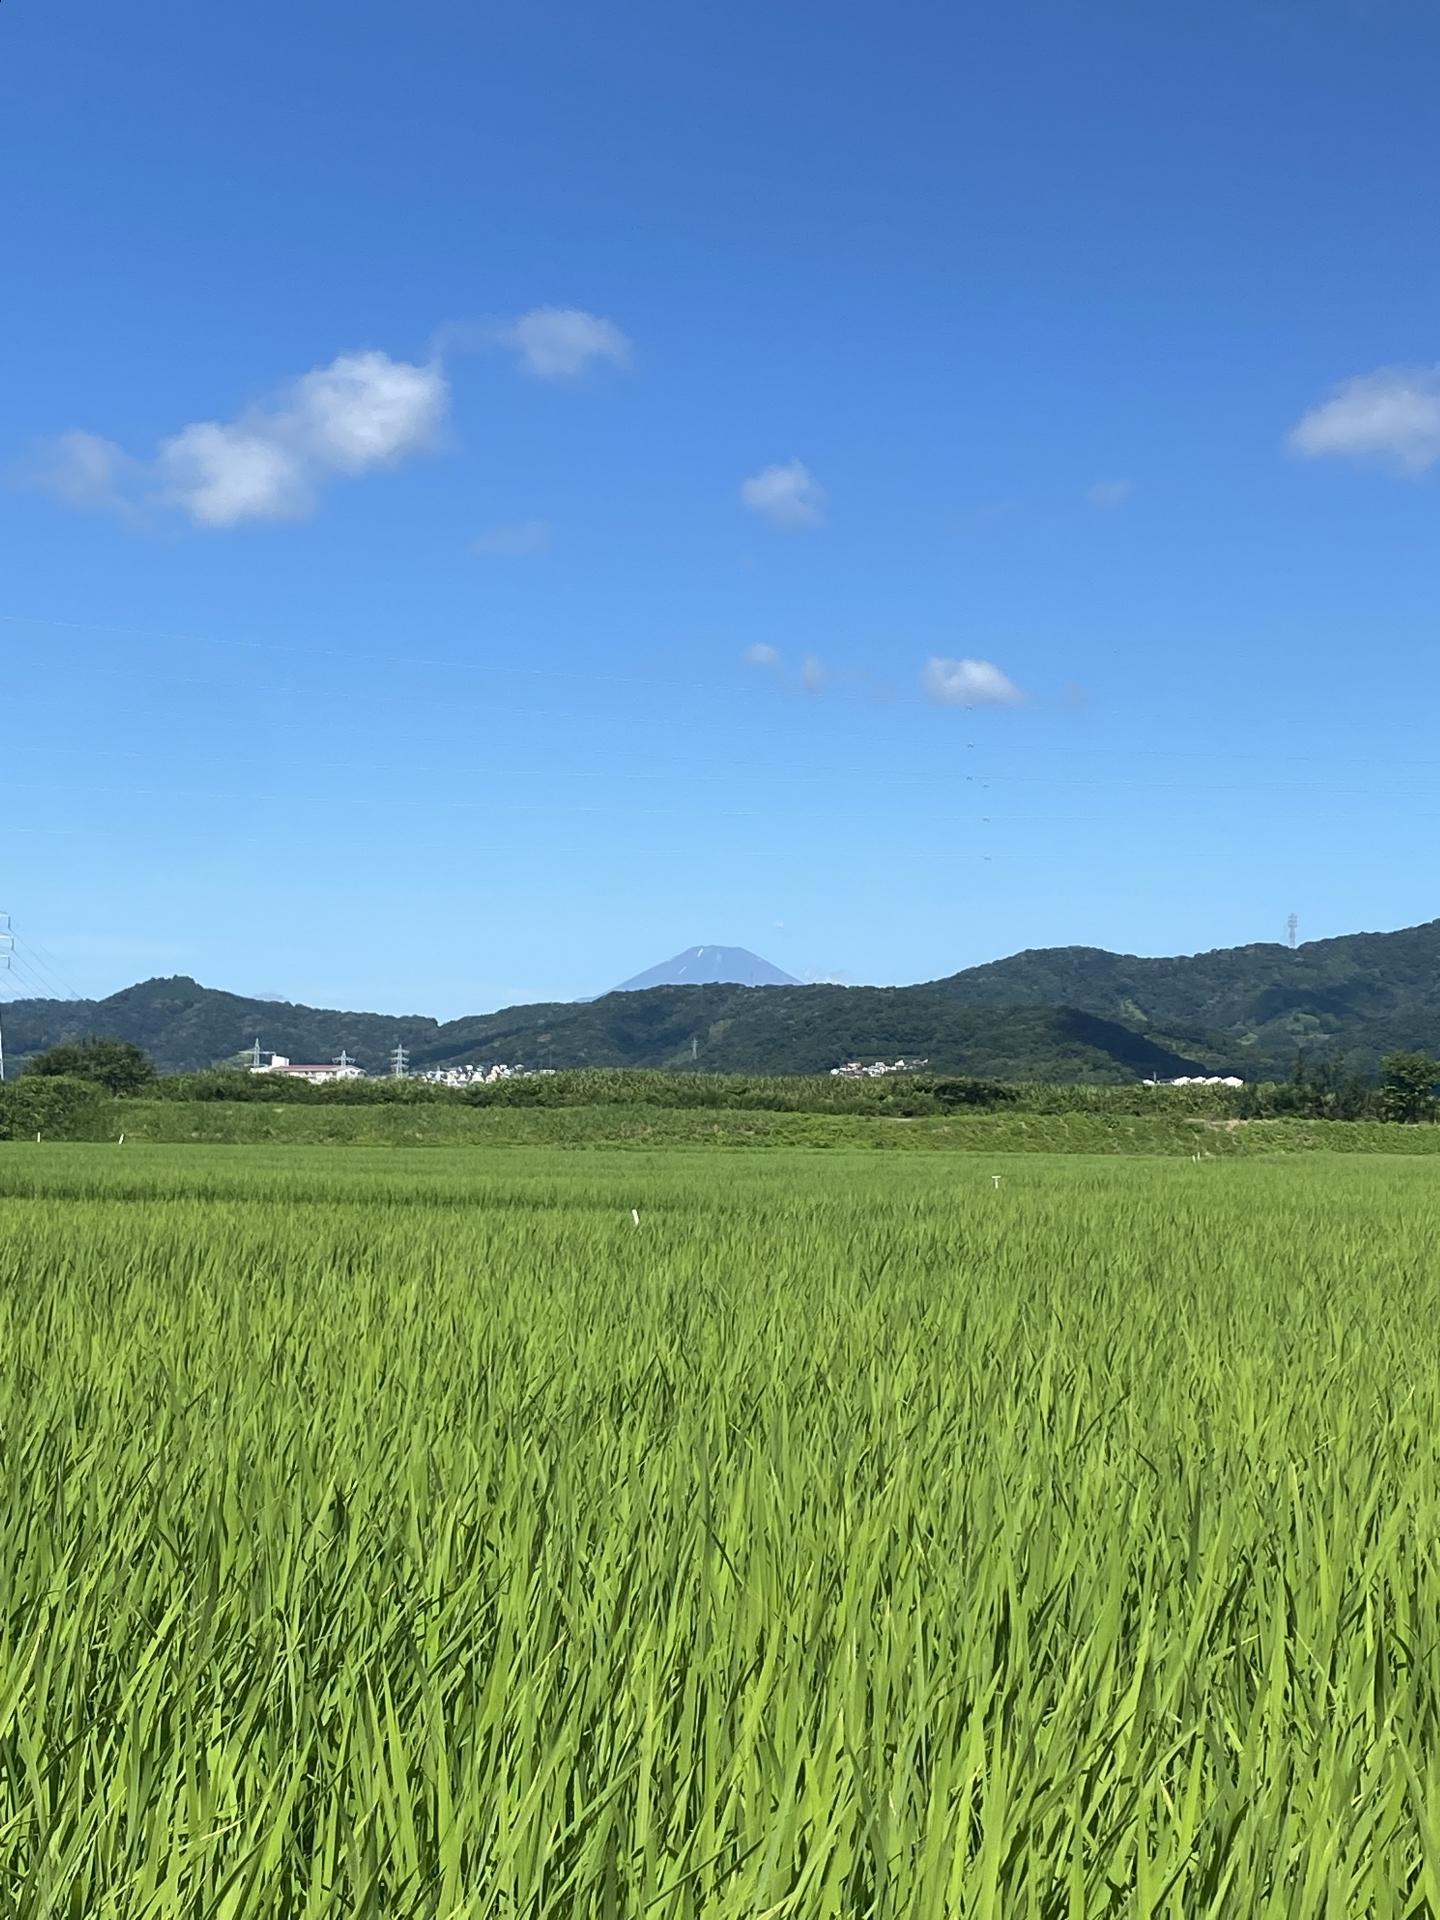 【427】 久しぶりに富士山が見えました